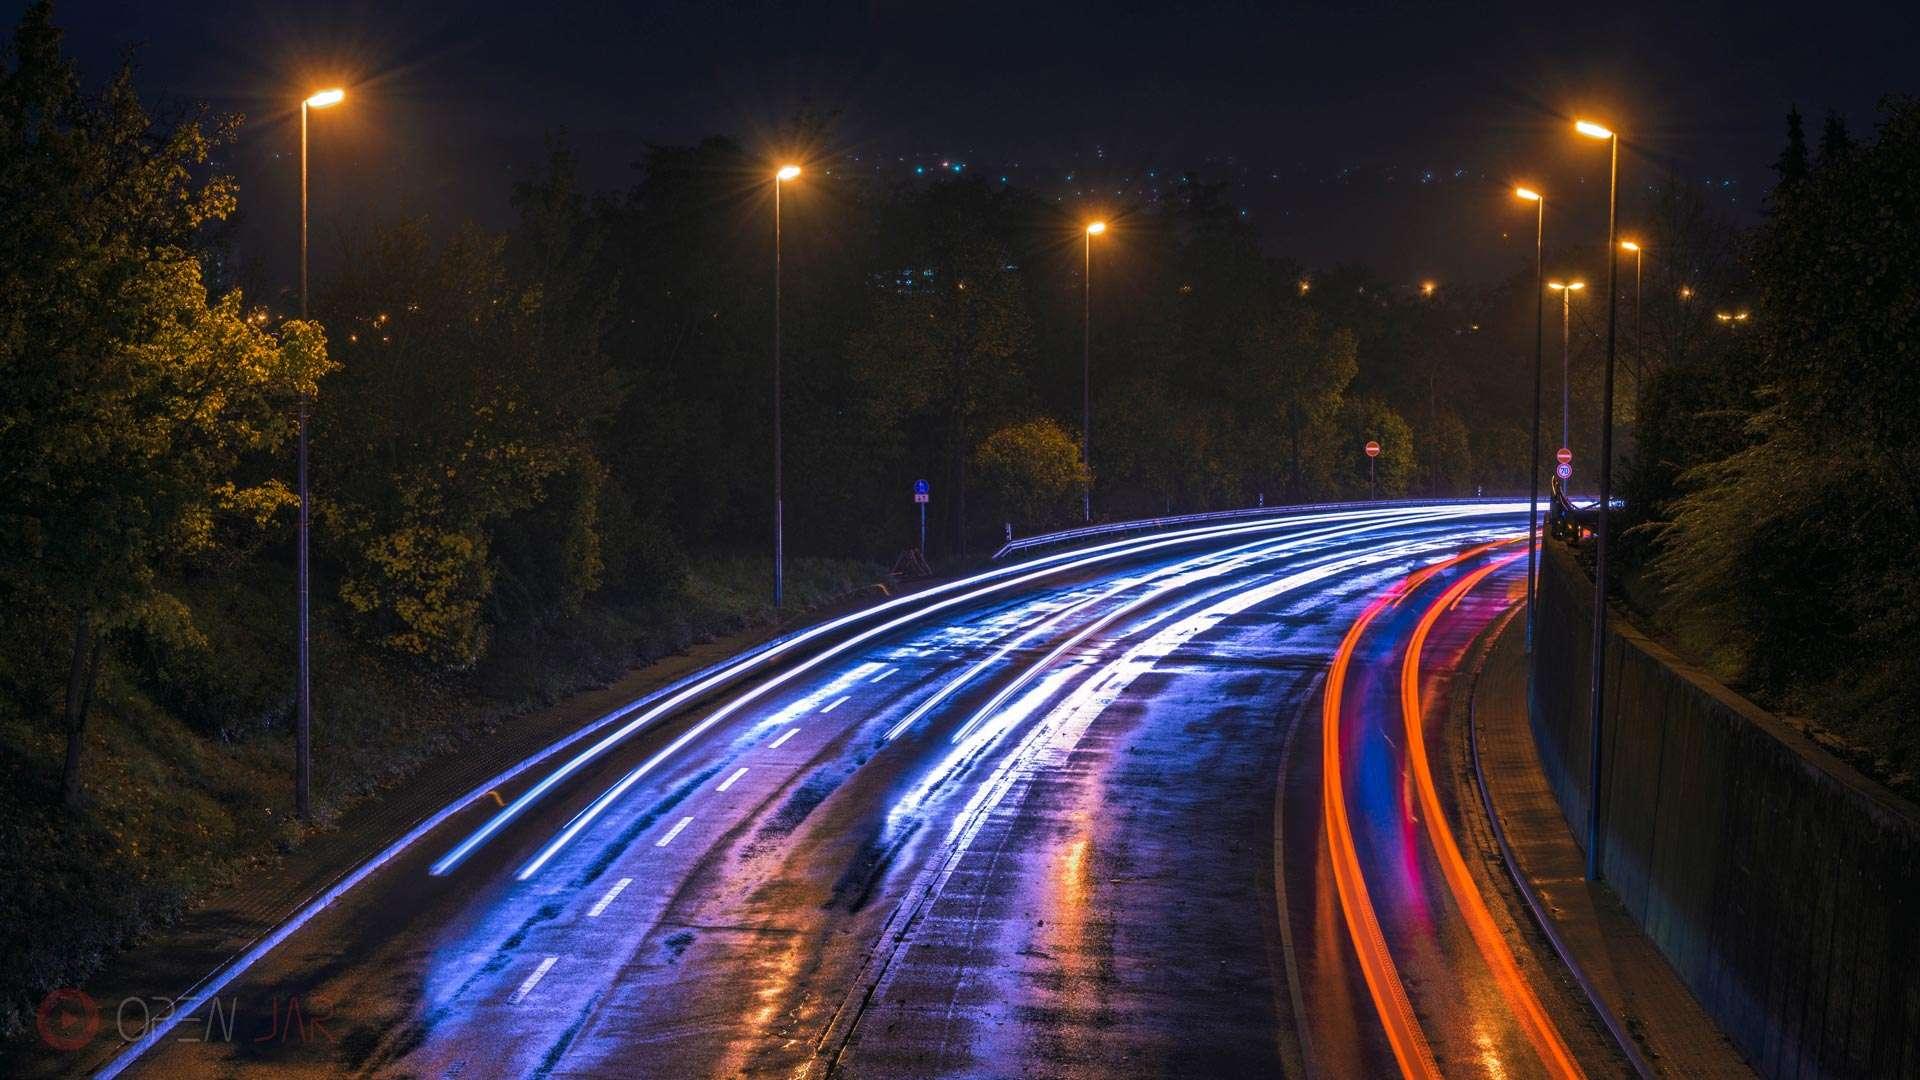 Reflektion der Autolichter im Wasser